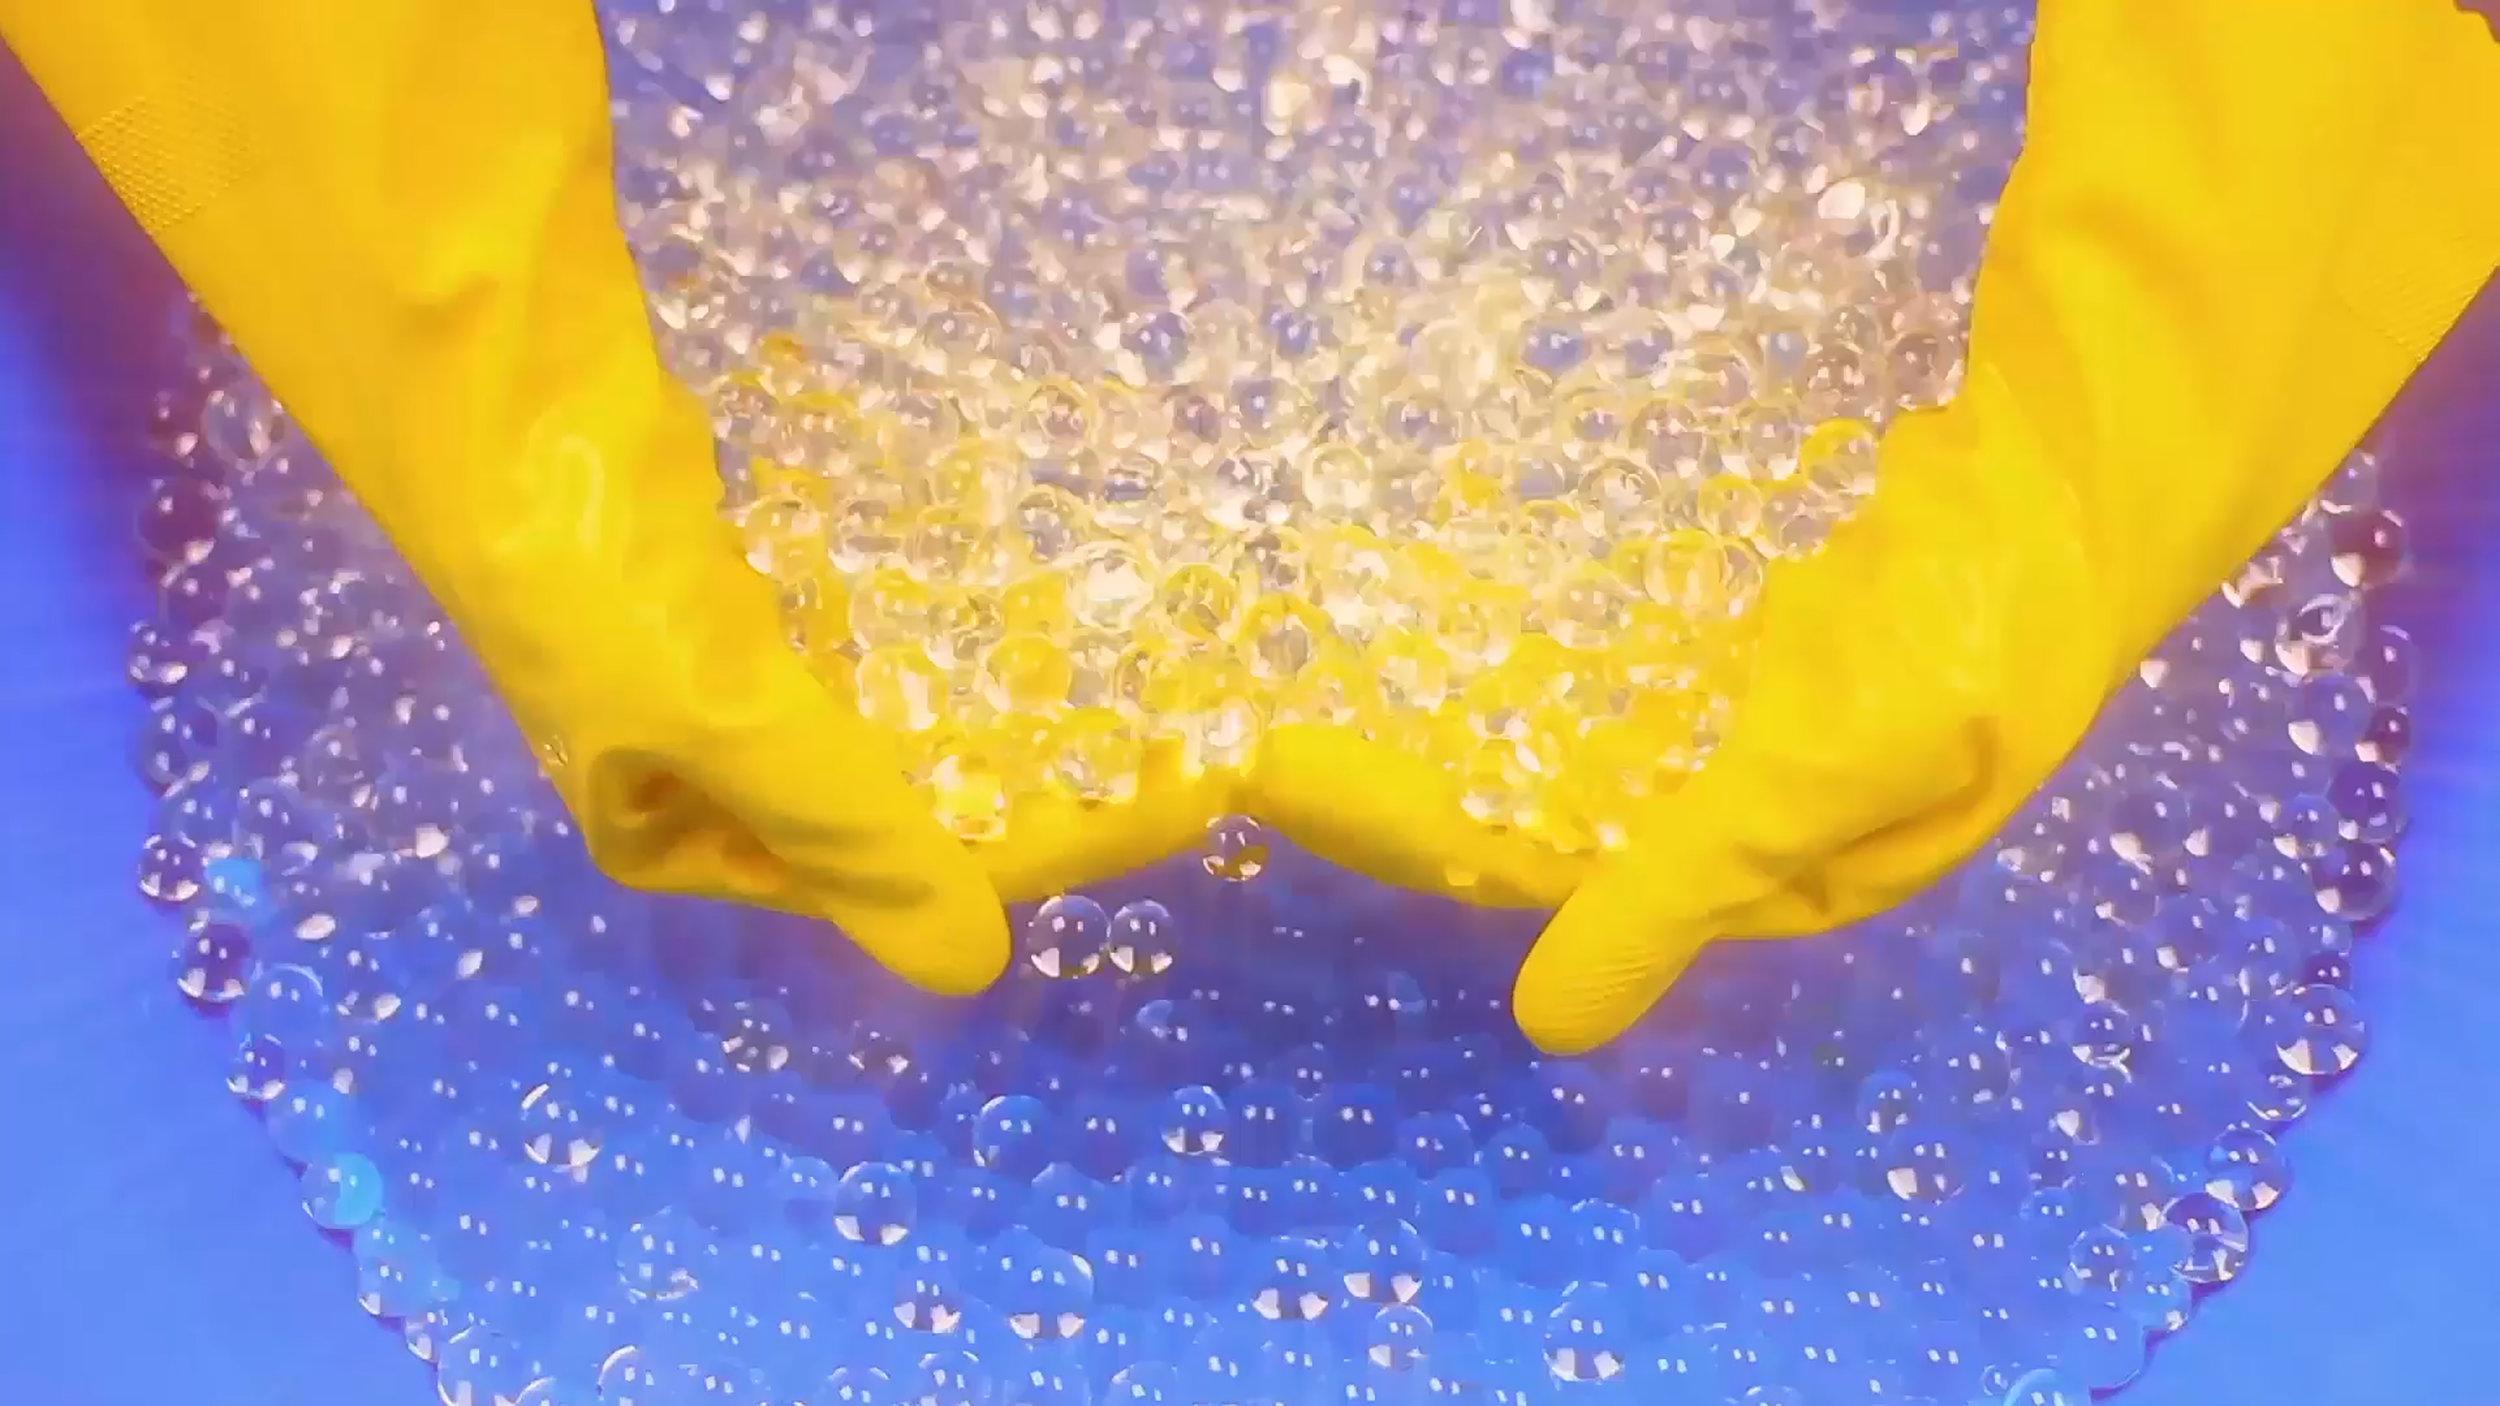 yellowHQstill.jpg